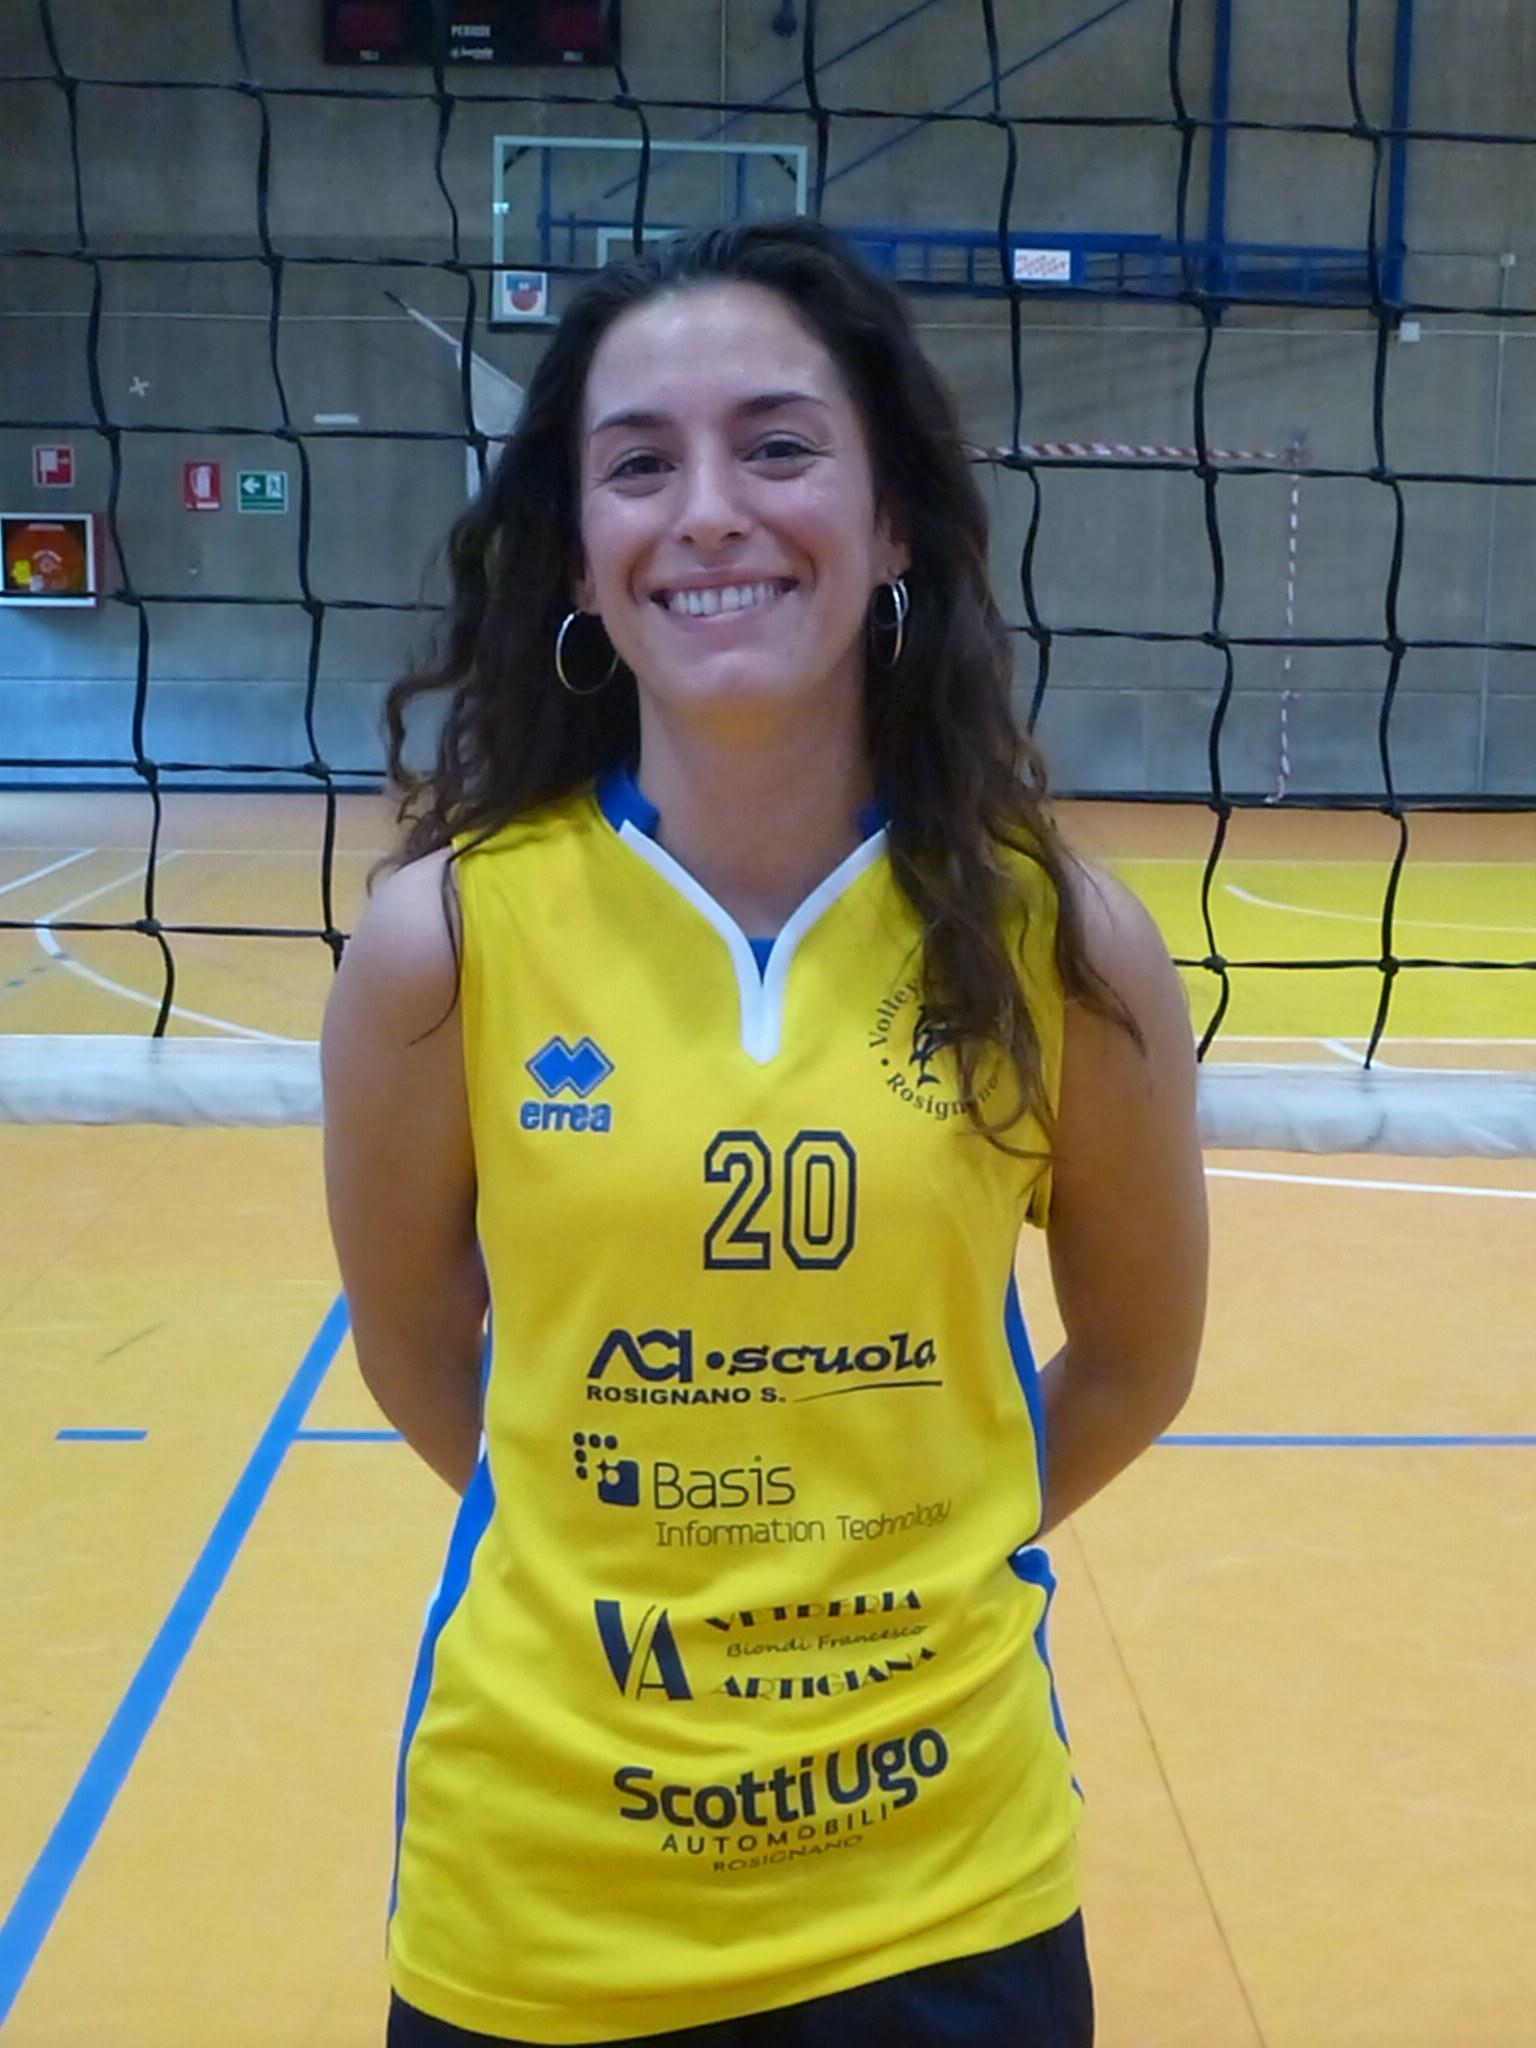 20-Sabina-Foppa-Vicenzini